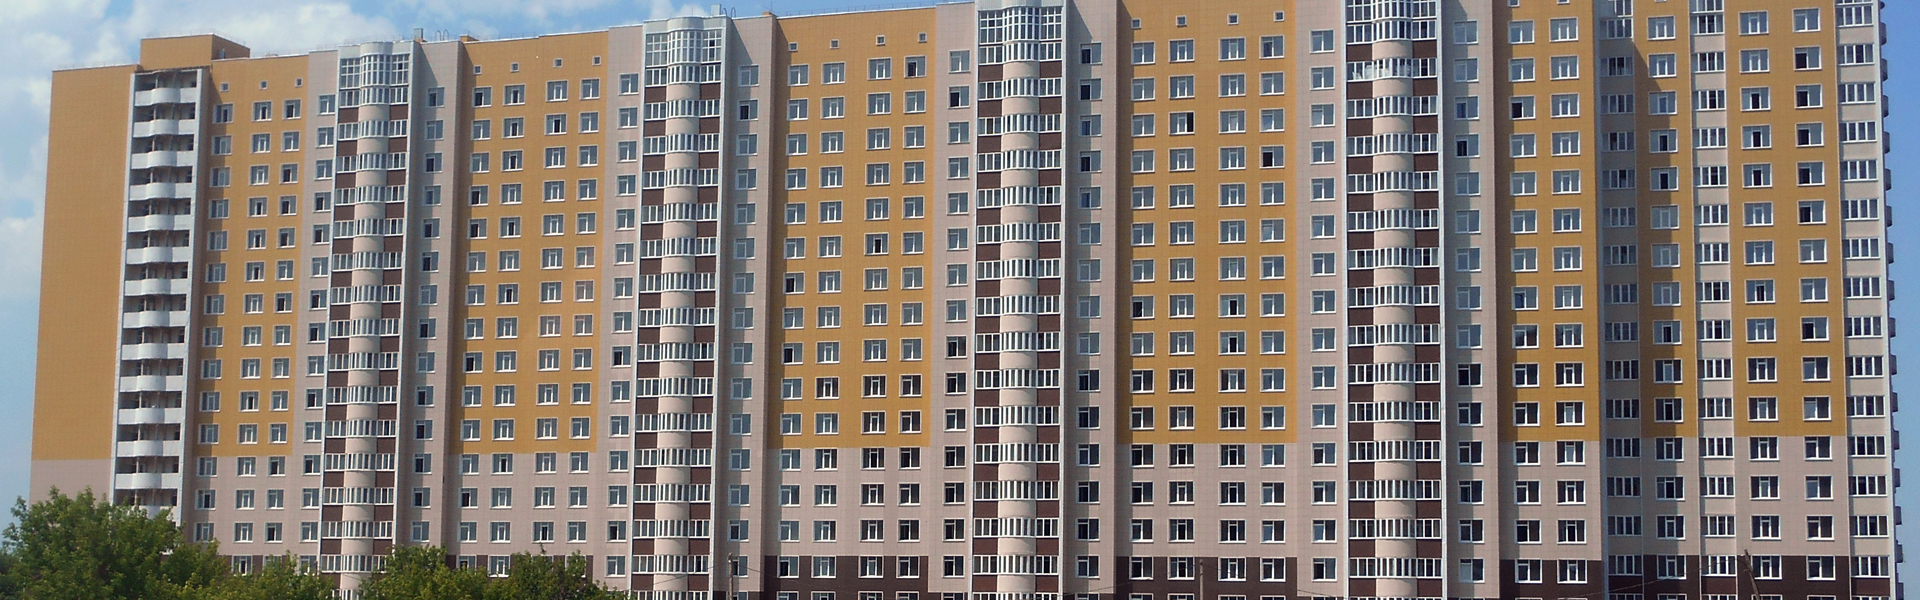 ООО «Управляющая компания жилищным фондом «Романтика»